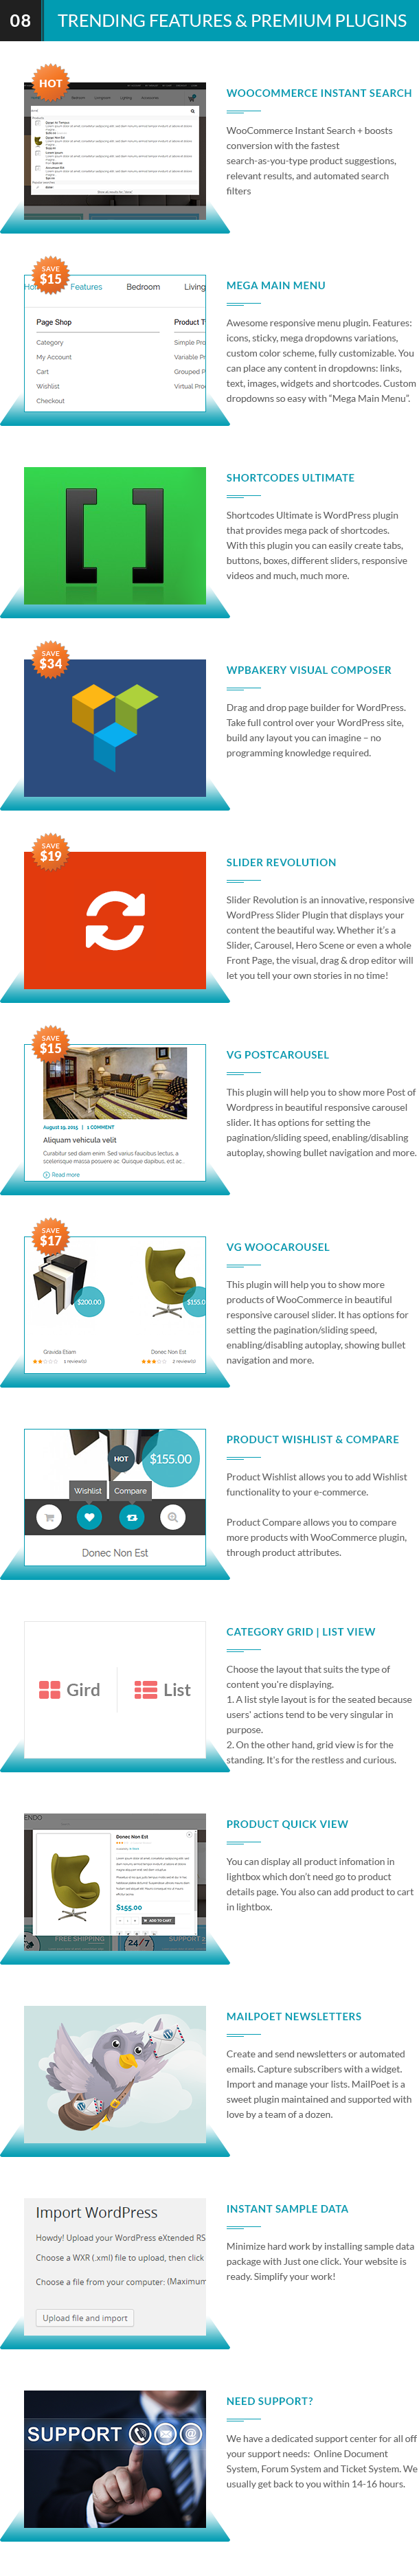 VG Cendo - WooCommerce WordPress Template für Möbelhäuser